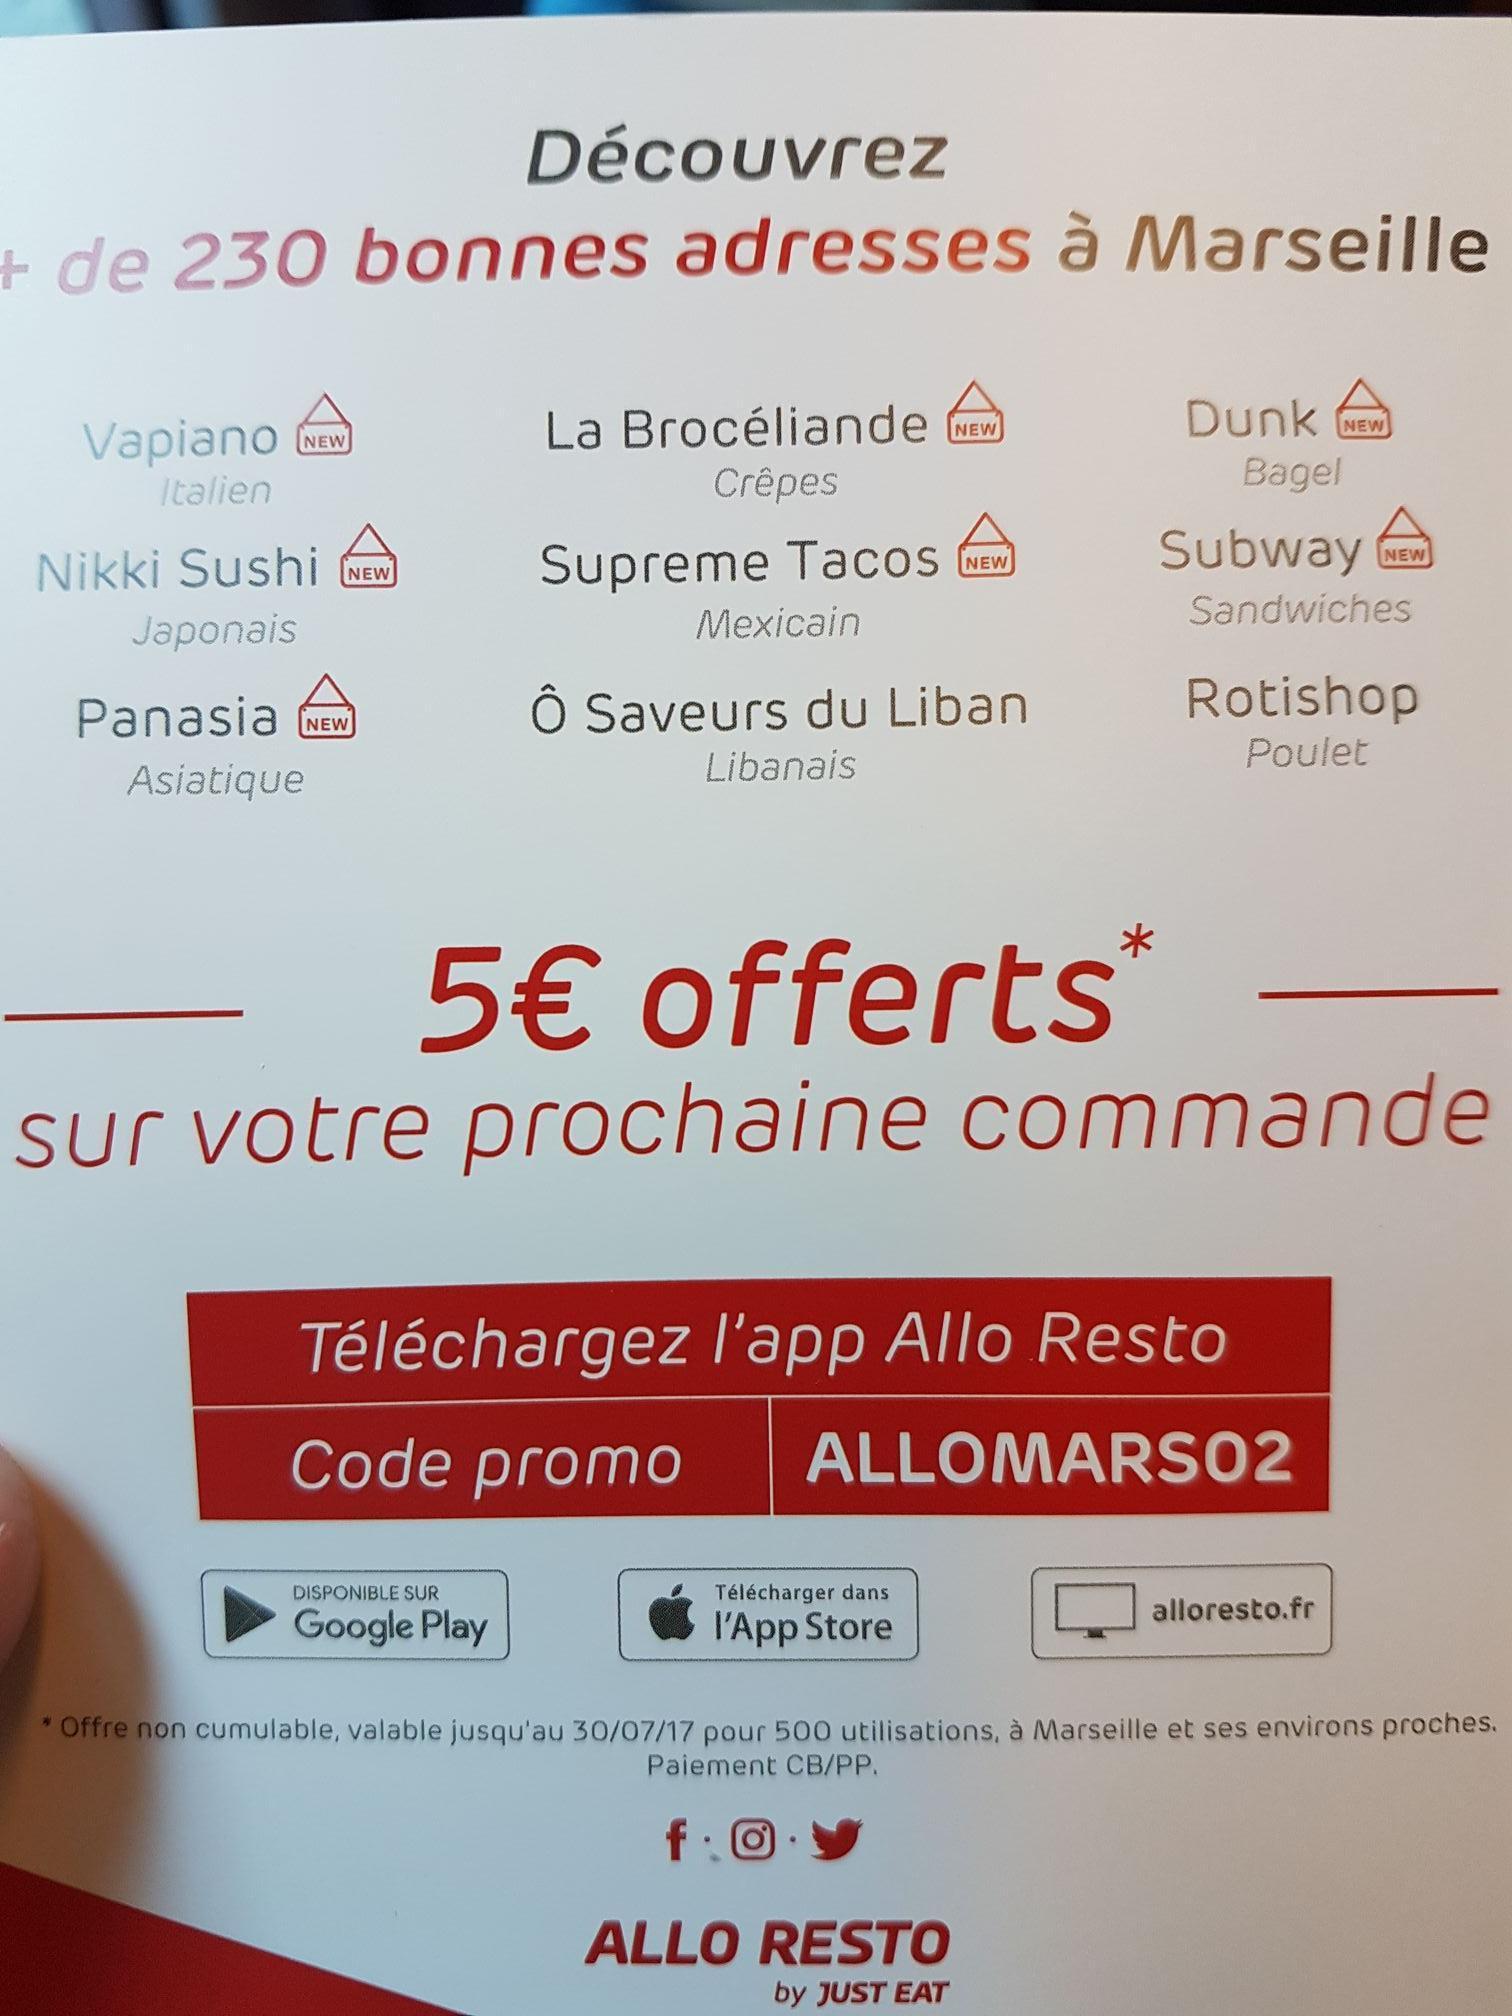 5€ de réduction sur votre prochaine commande sur Marseille et alentours proches